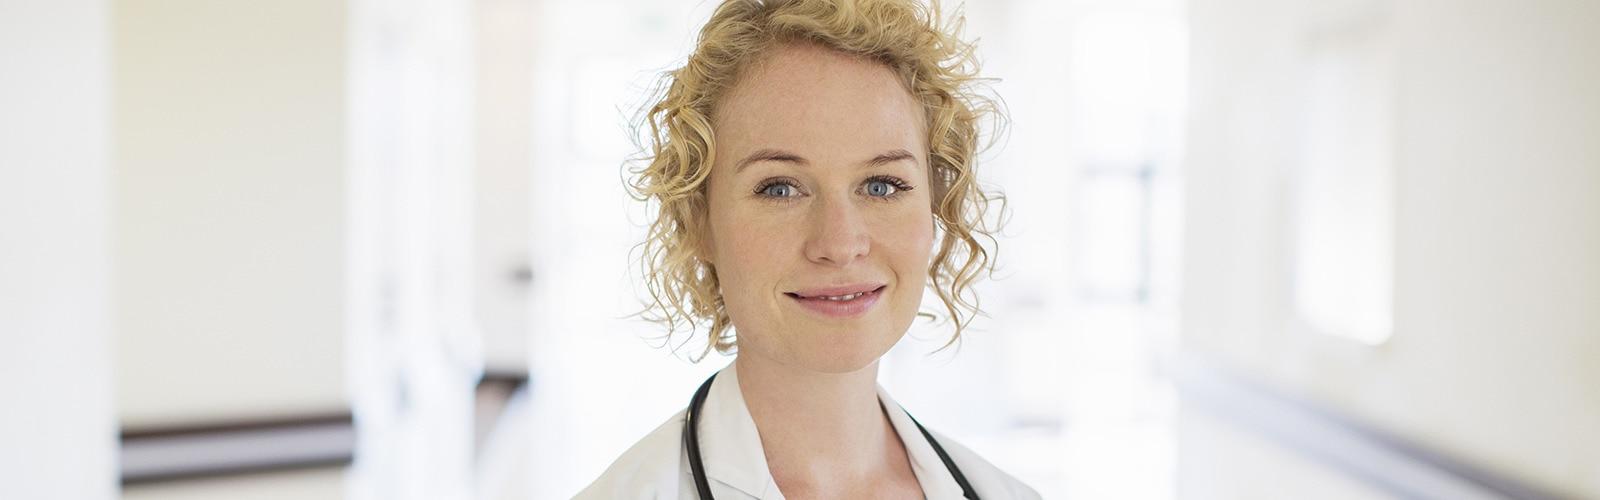 Vaalea naislääkäri, jolla on stetoskooppi, hymyilee sairaalan eteisessä